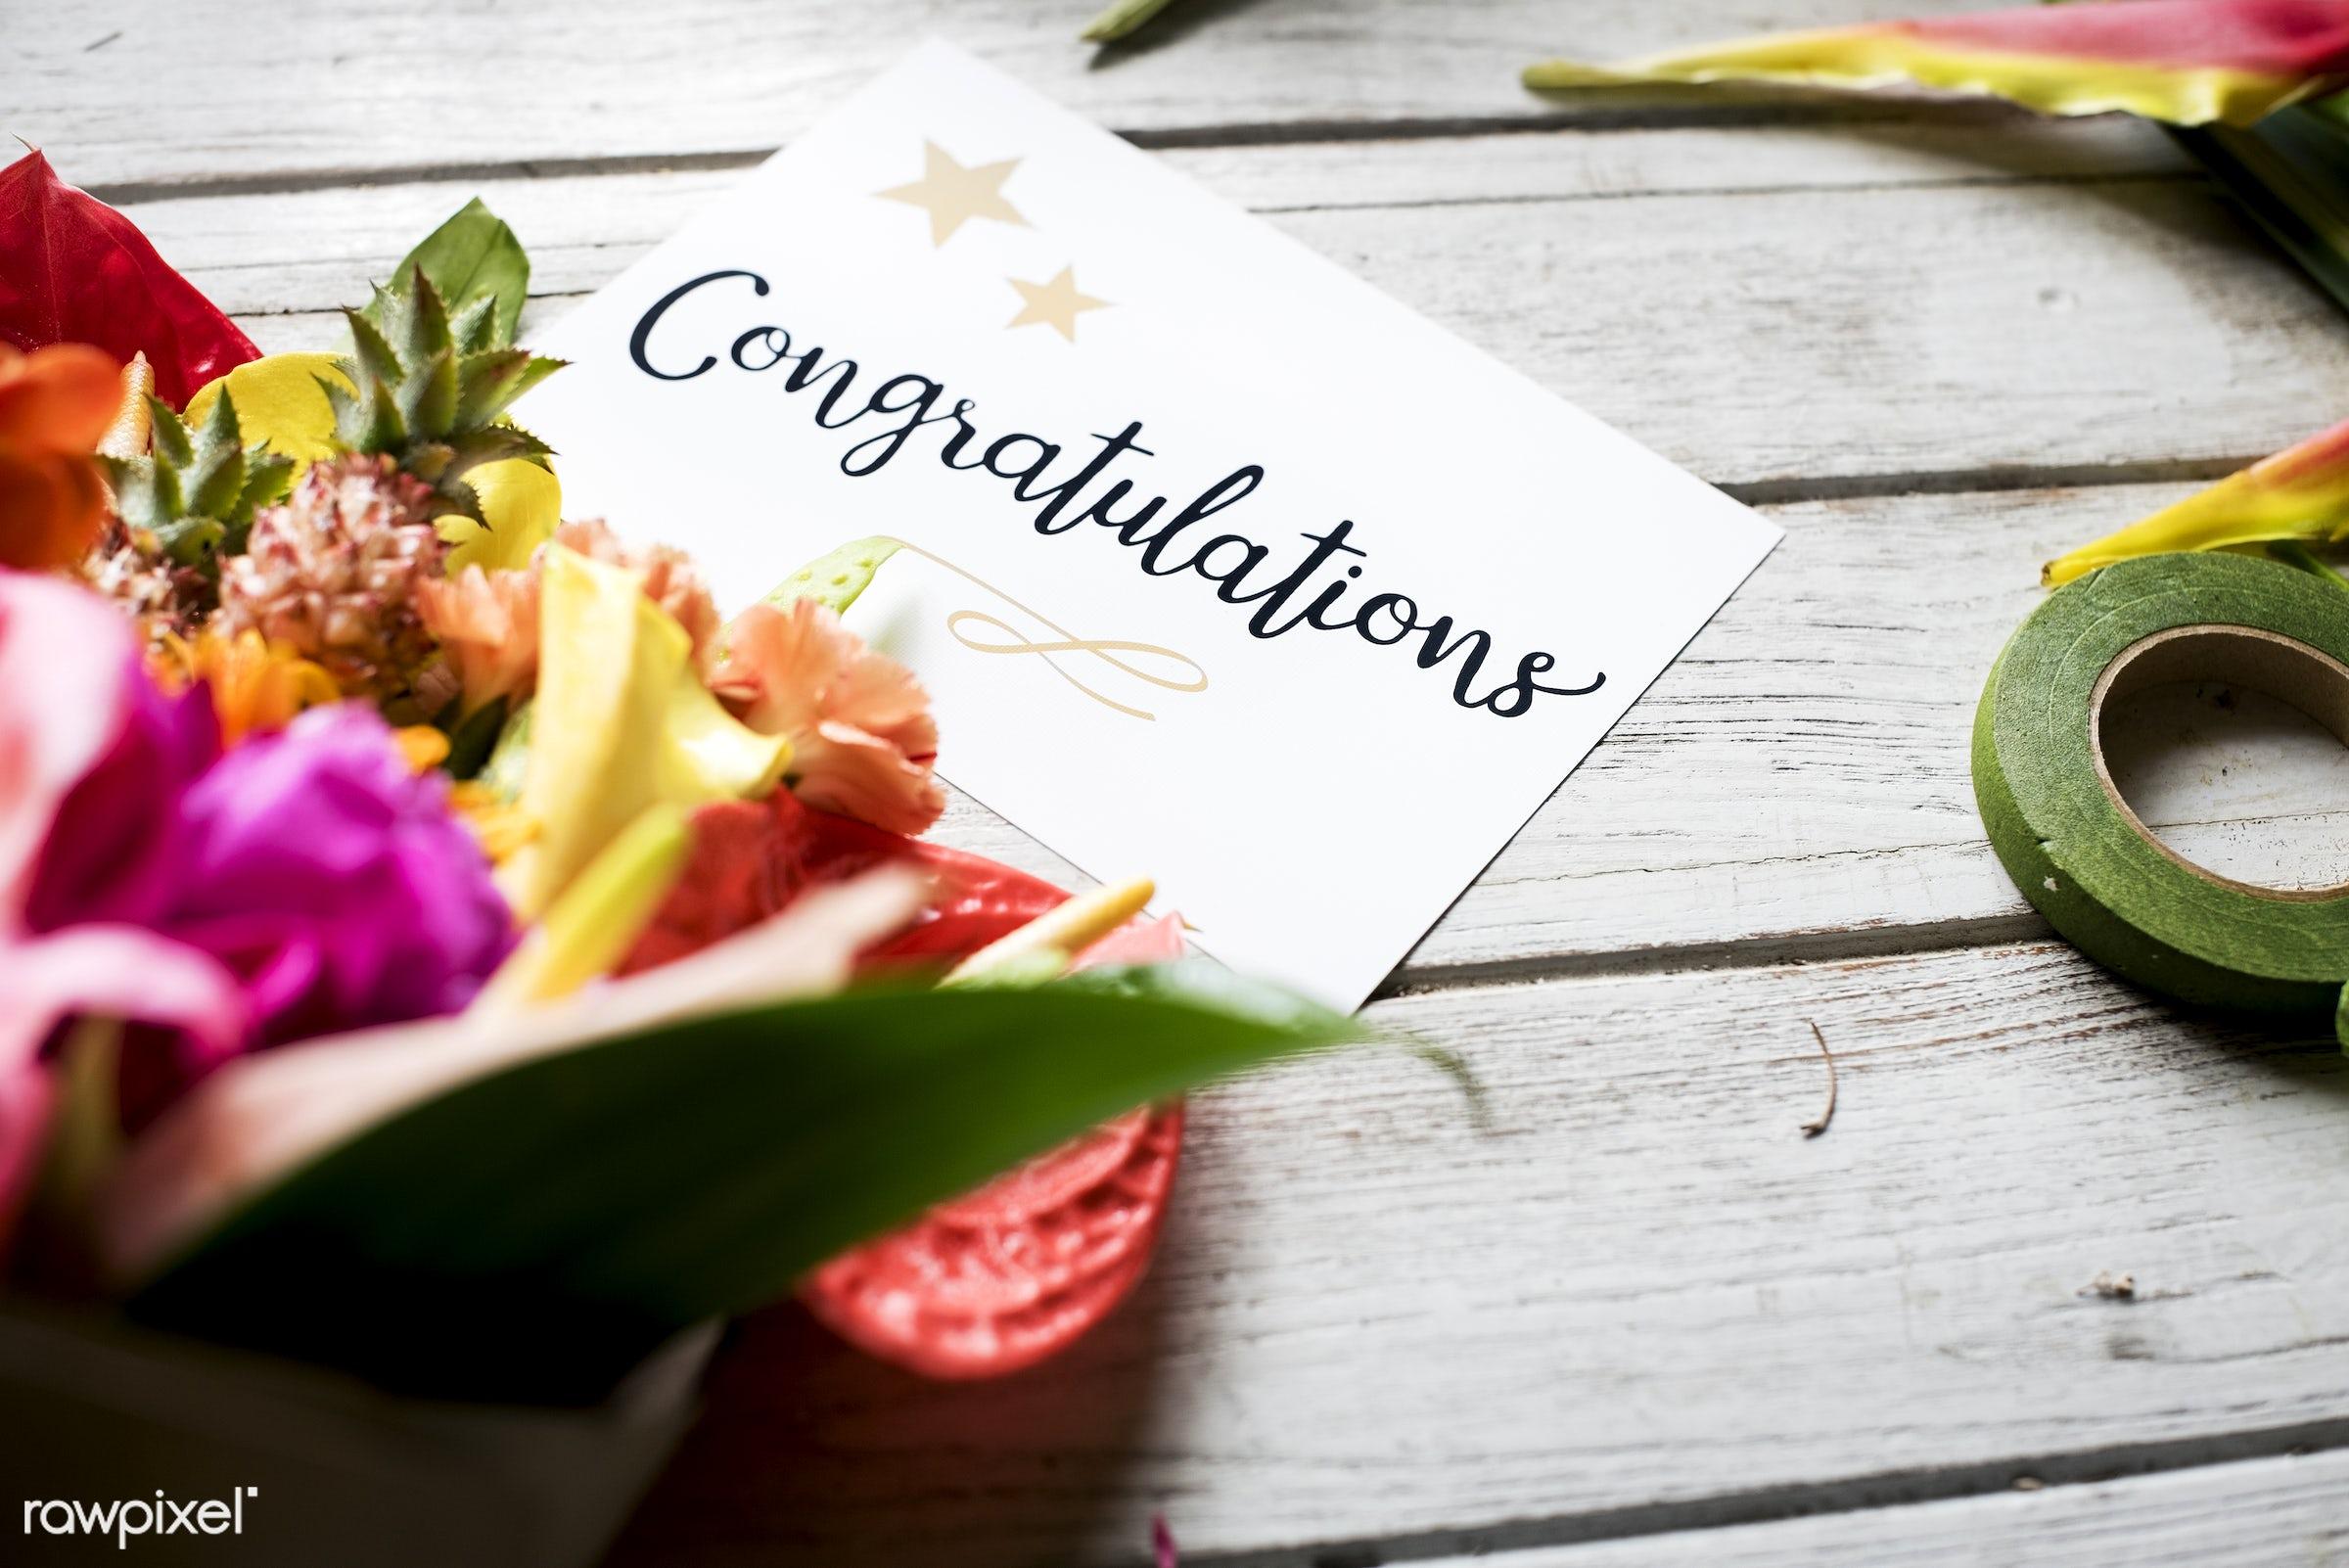 plant, bouquet, flora, decoration, refreshment, leisure, table, congratulations, florist, wooden, recreational, fresh, card...